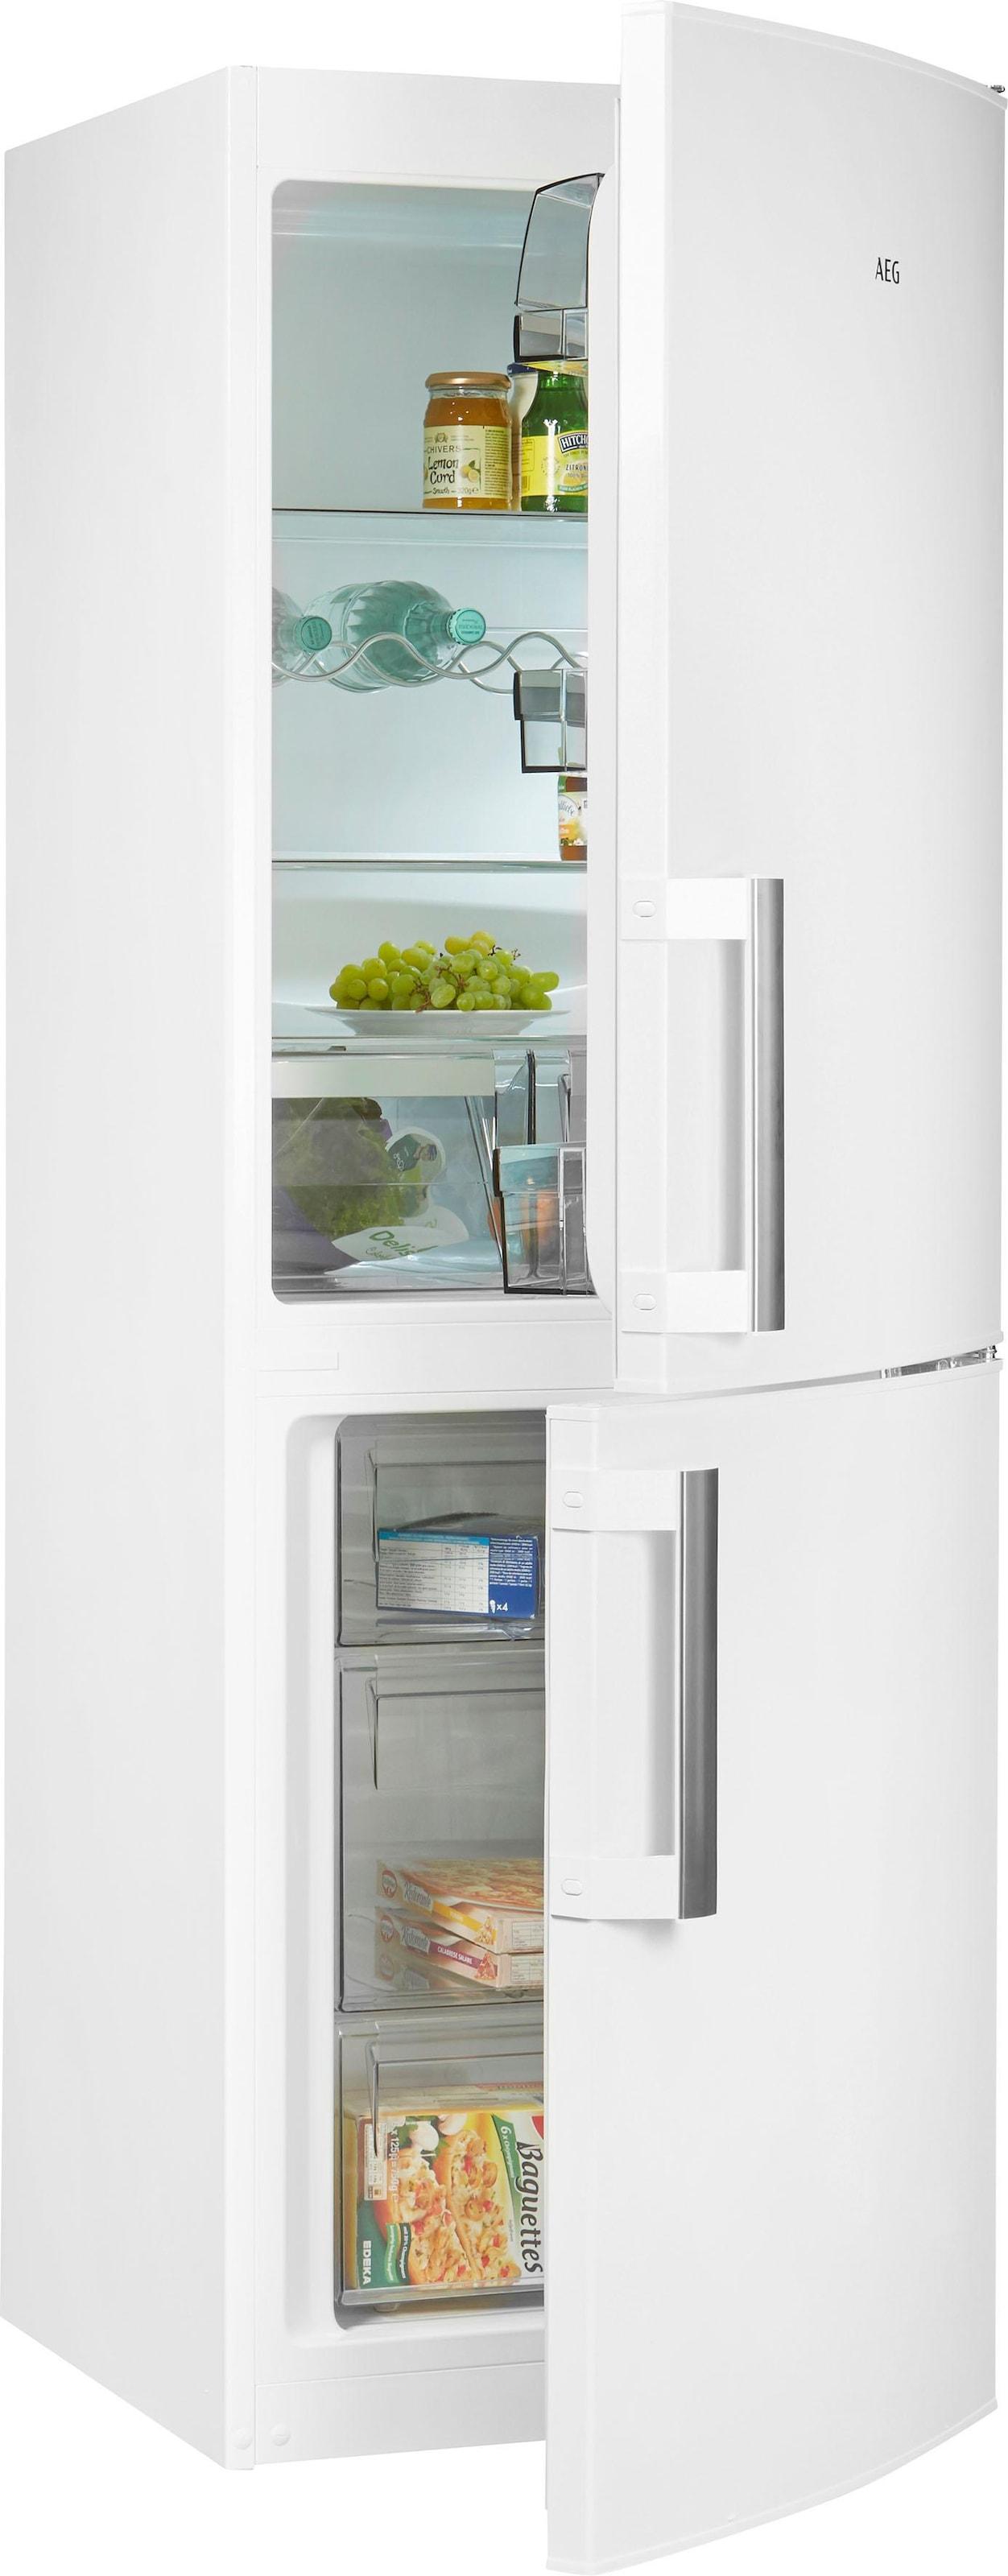 Aeg Kühlschrank Gefrierkombination : Aeg kühl gefrierkombination cm hoch cm breit auf